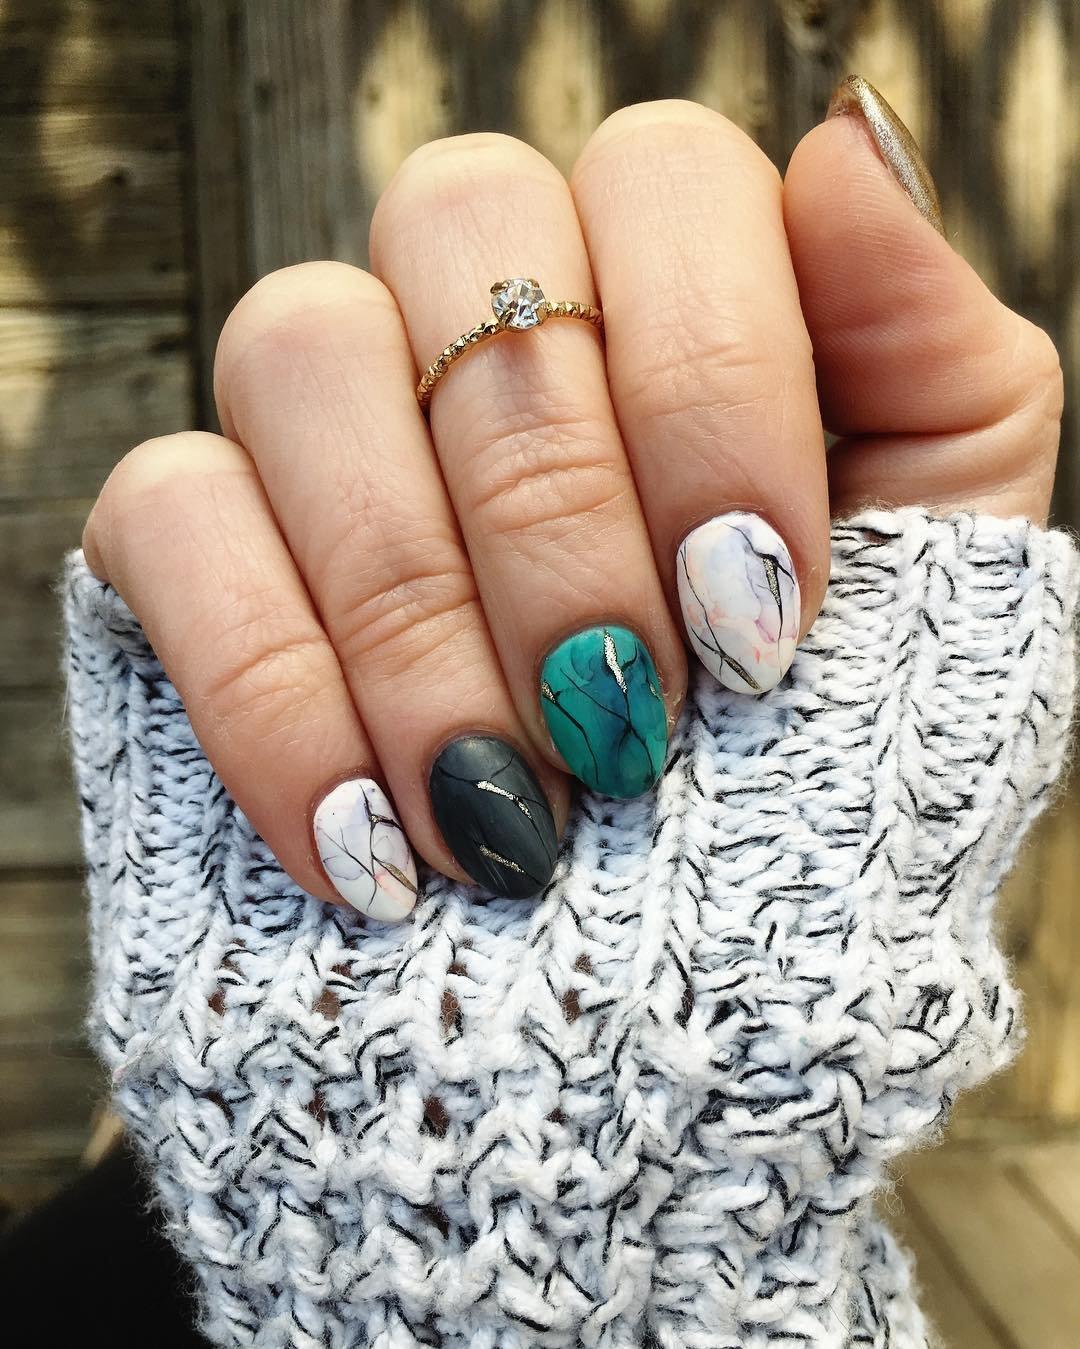 mramornyj-manikyur-foto_60 Мраморный маникюр: топ-8 стильных идей дизайна для ногтей